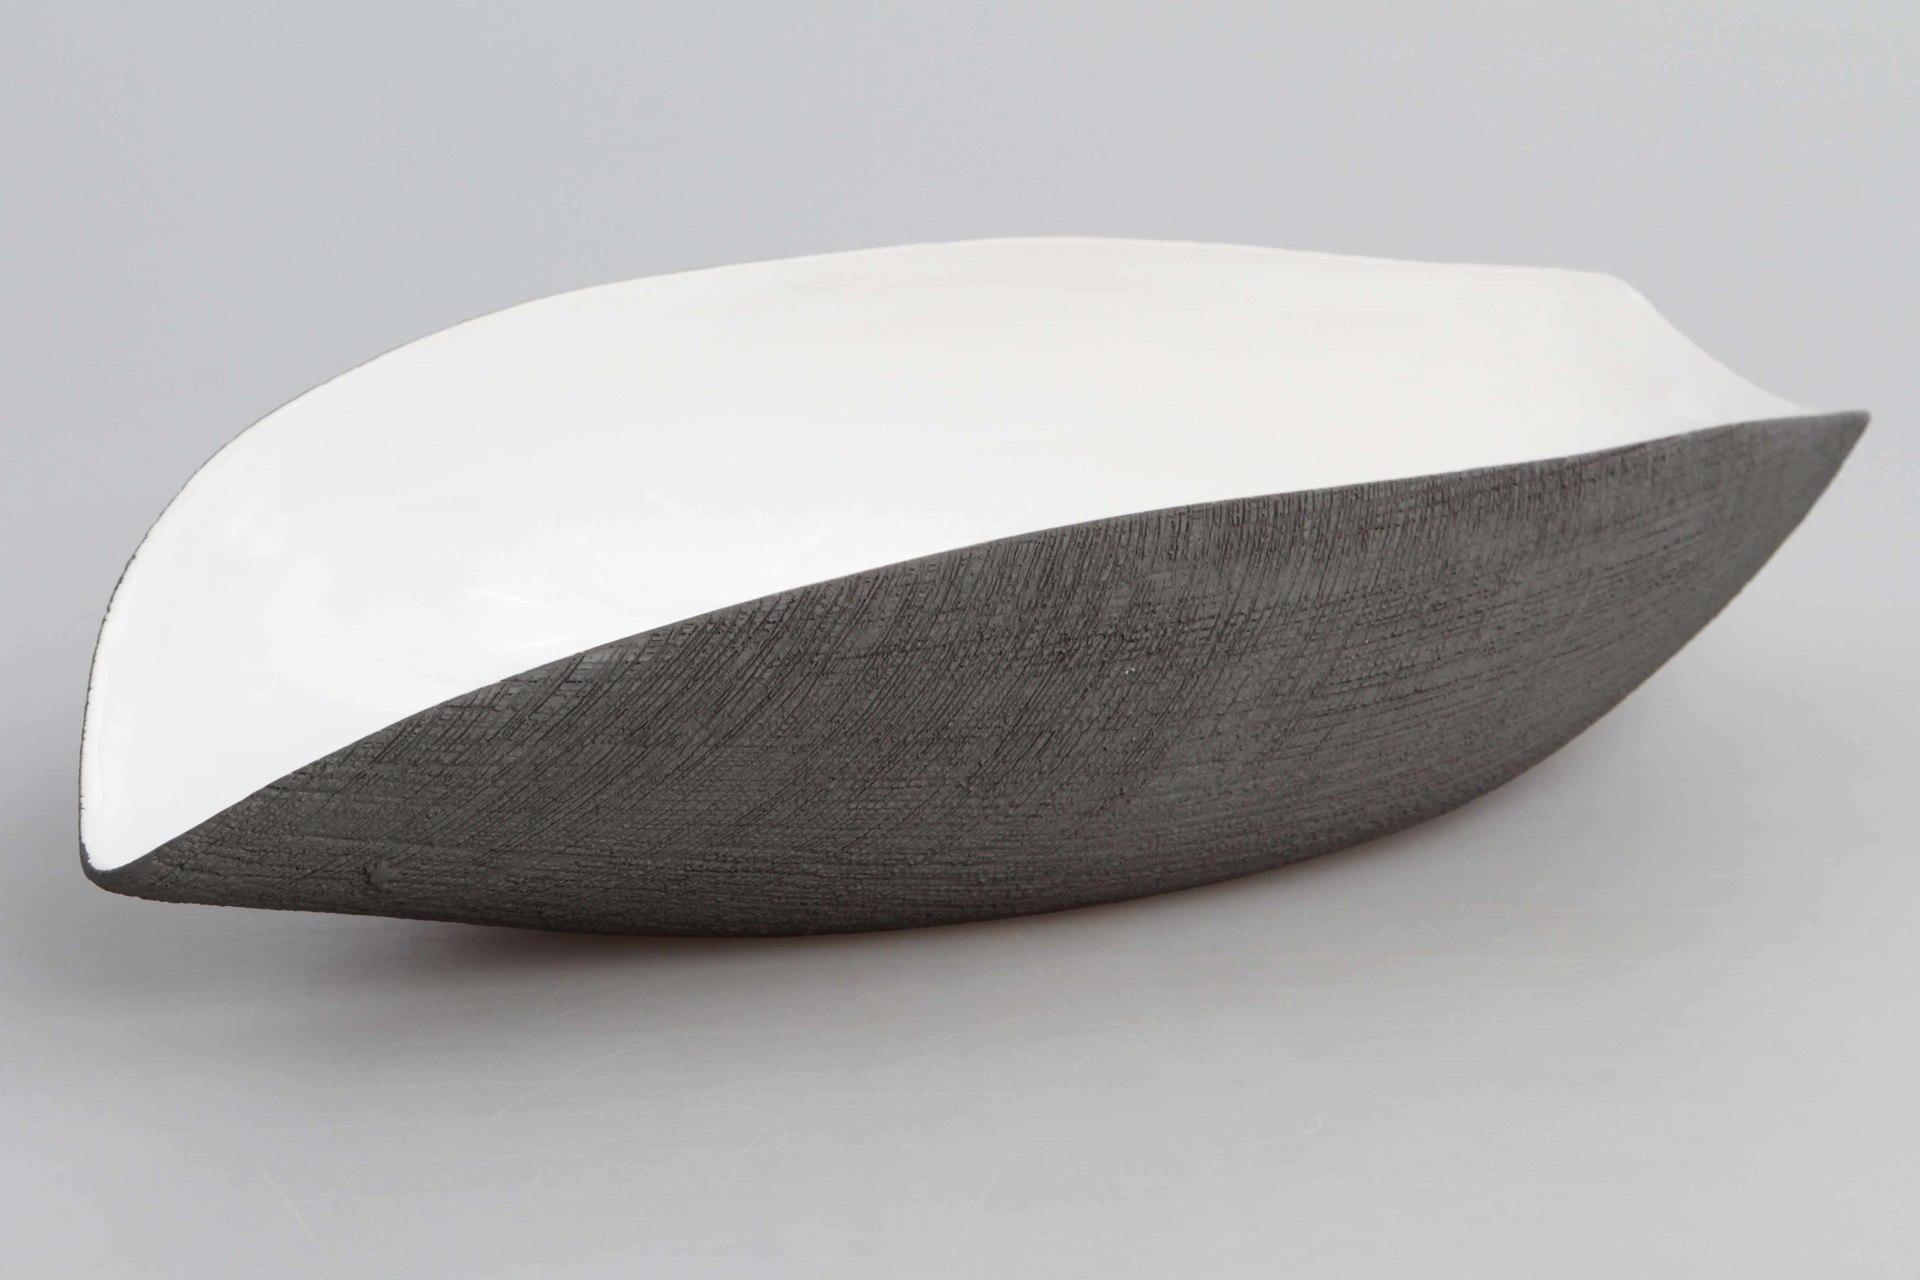 Keramická mísa antracitová, podlouhlého tvaru